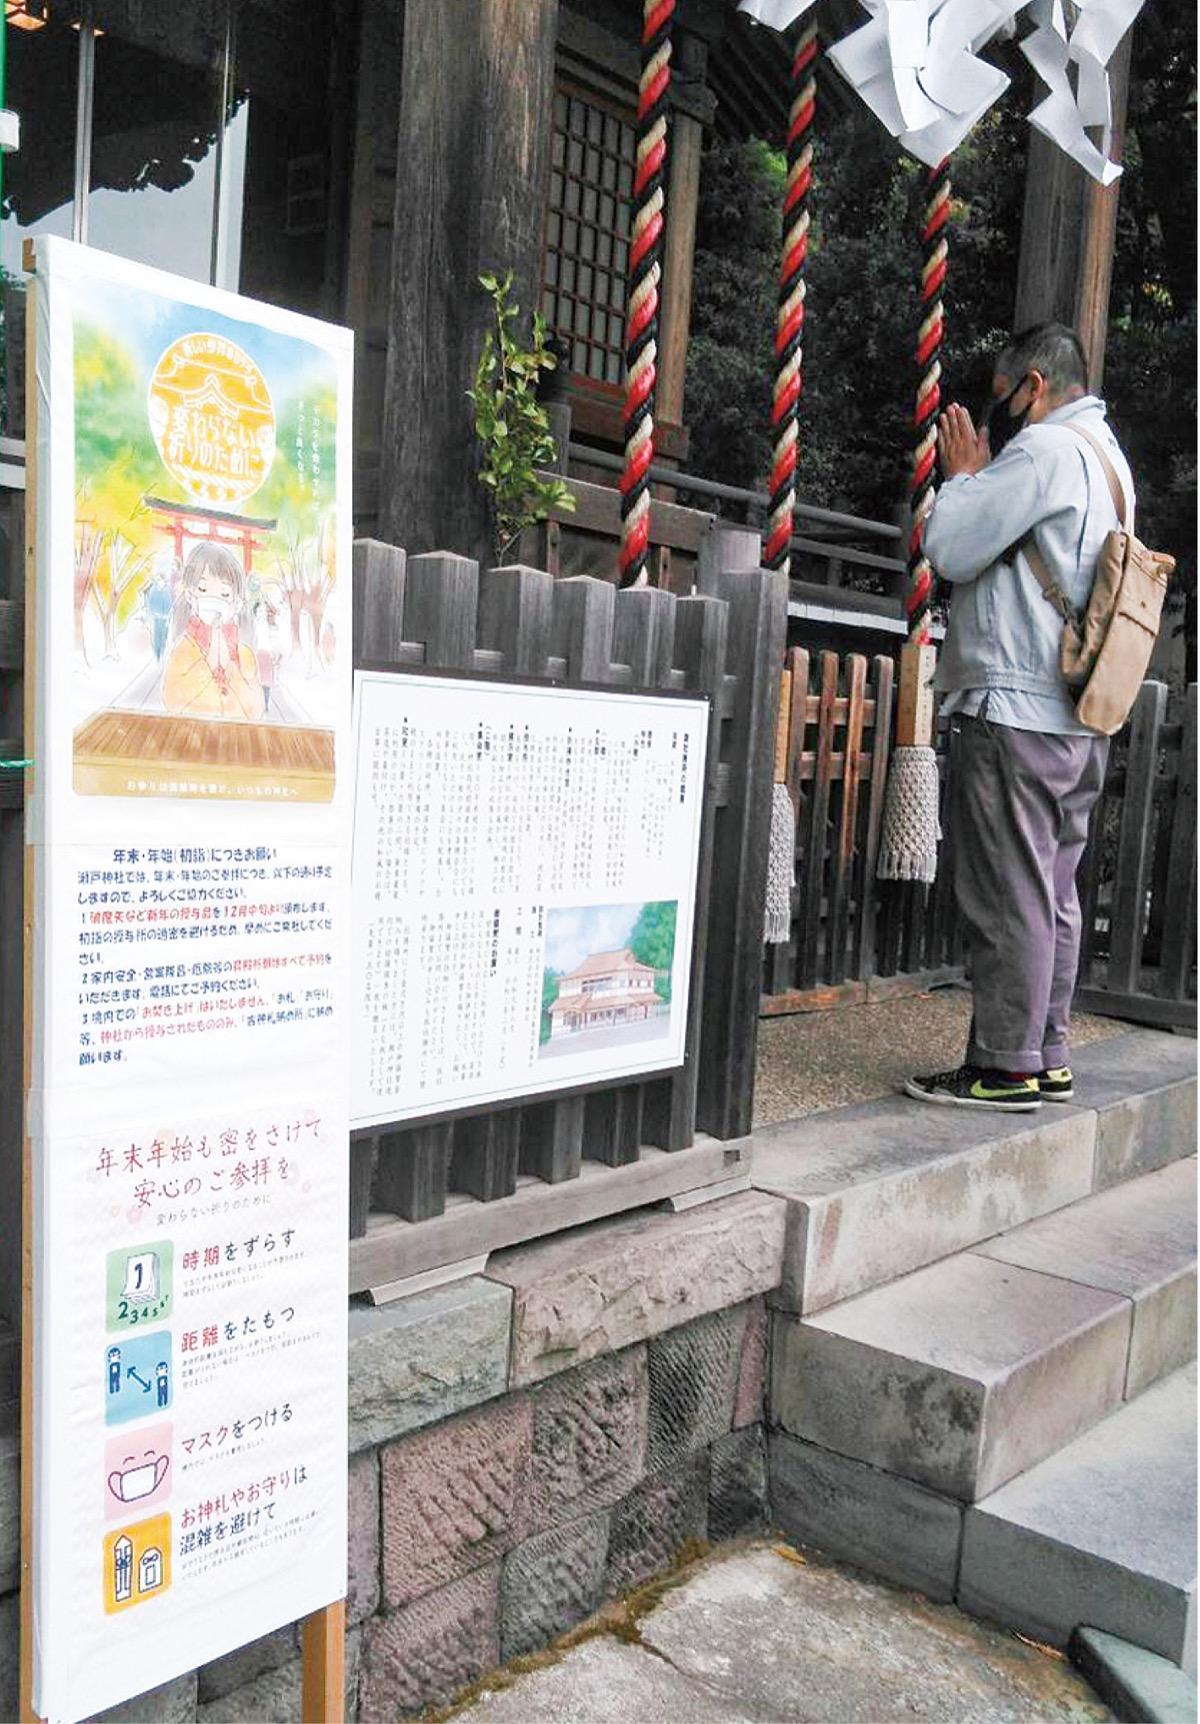 スクール ドライビング kds 神奈川